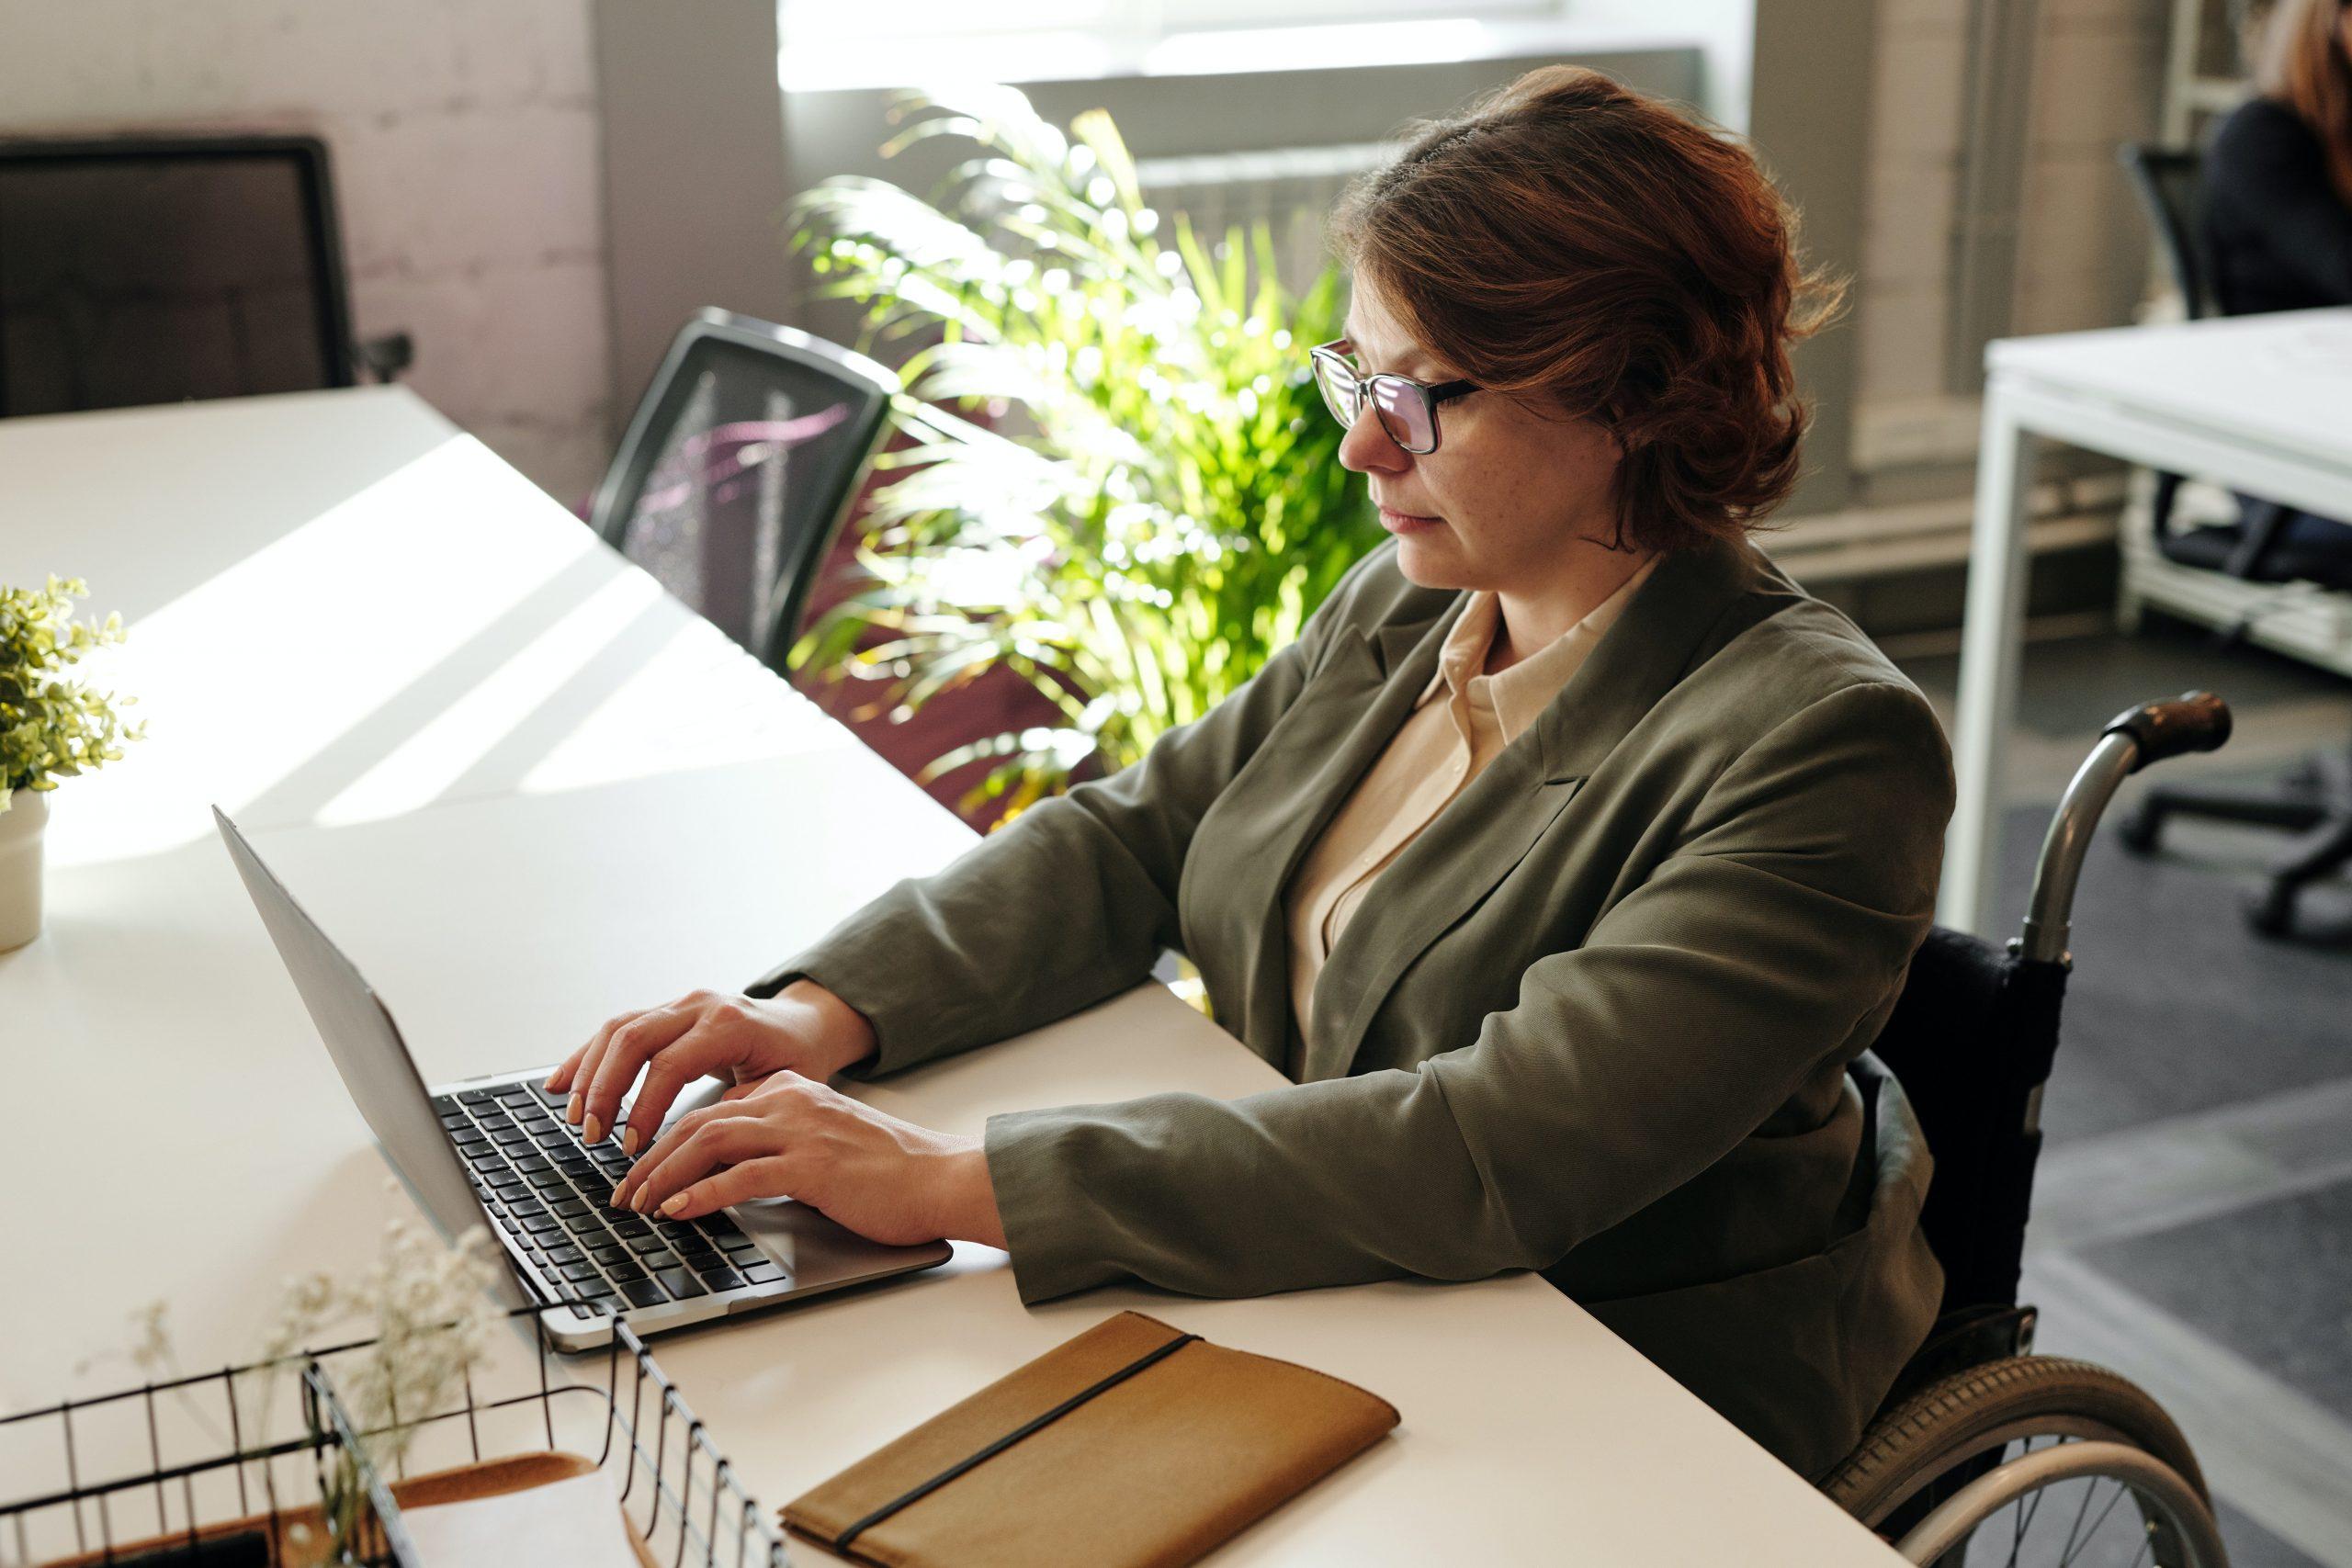 Imagem mostra uma mulher digitando em um notebook.